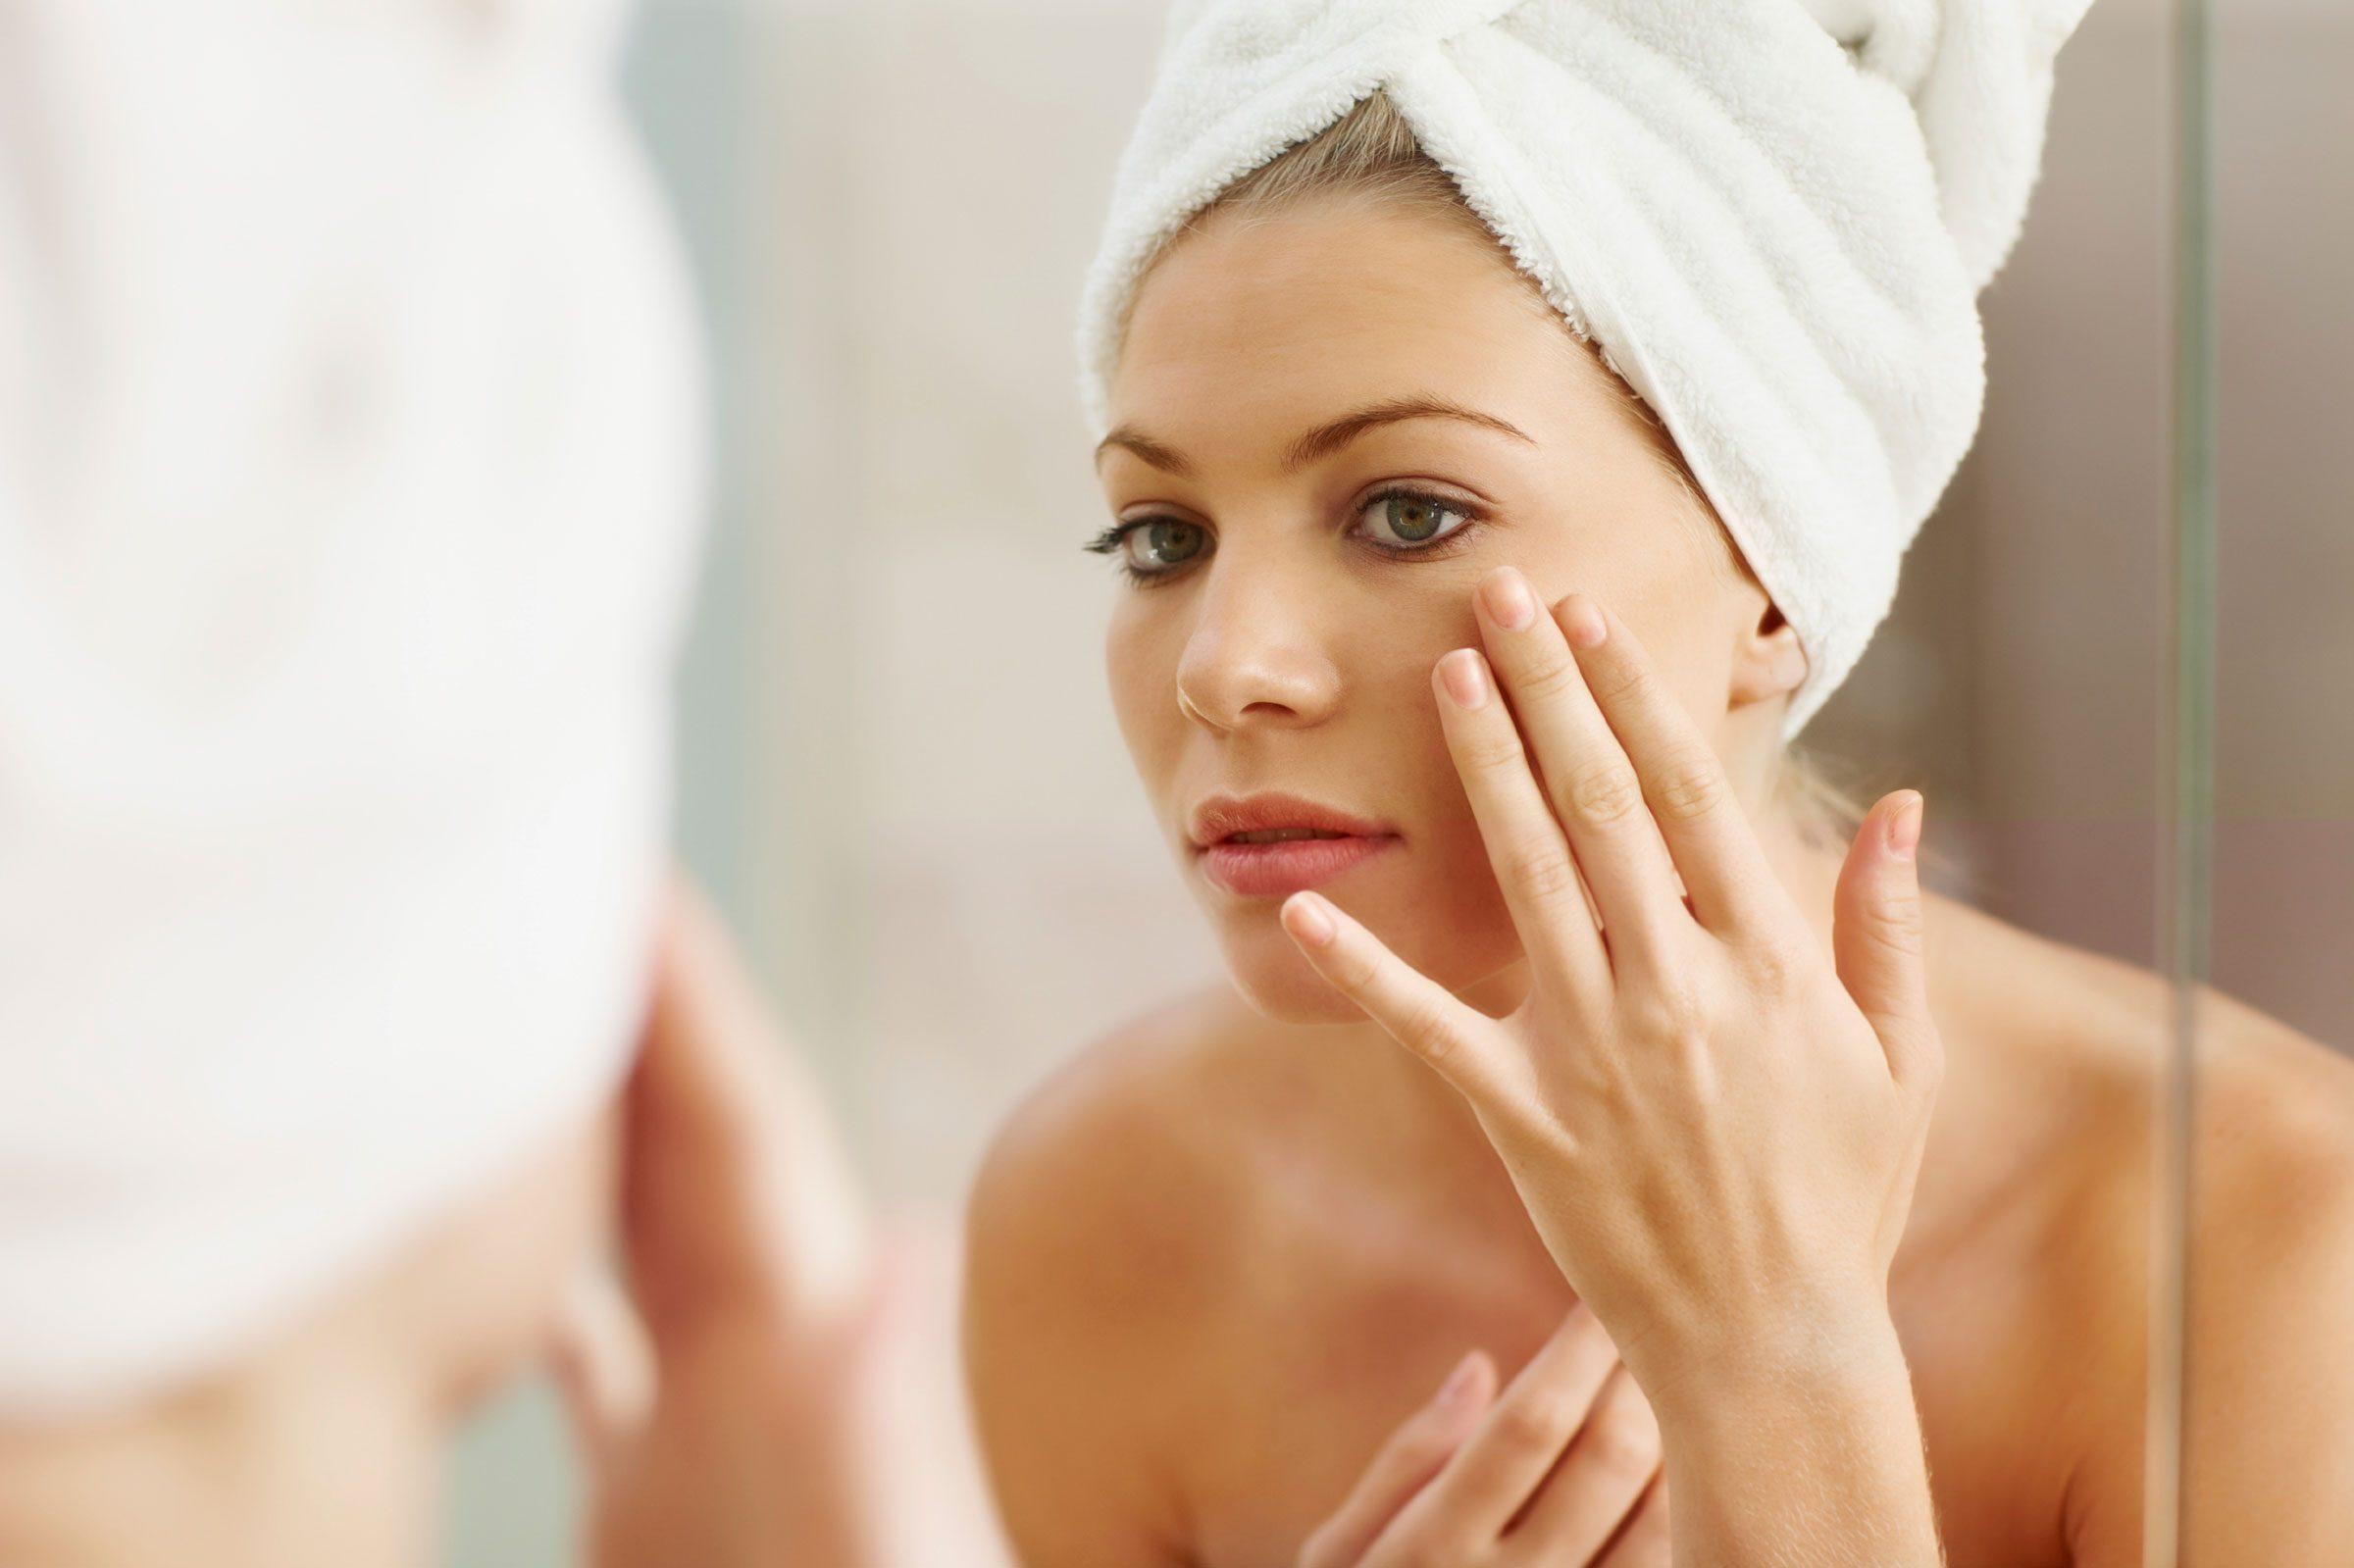 Beauté: Les 7 meilleures habitudes pour avoir une belle peau